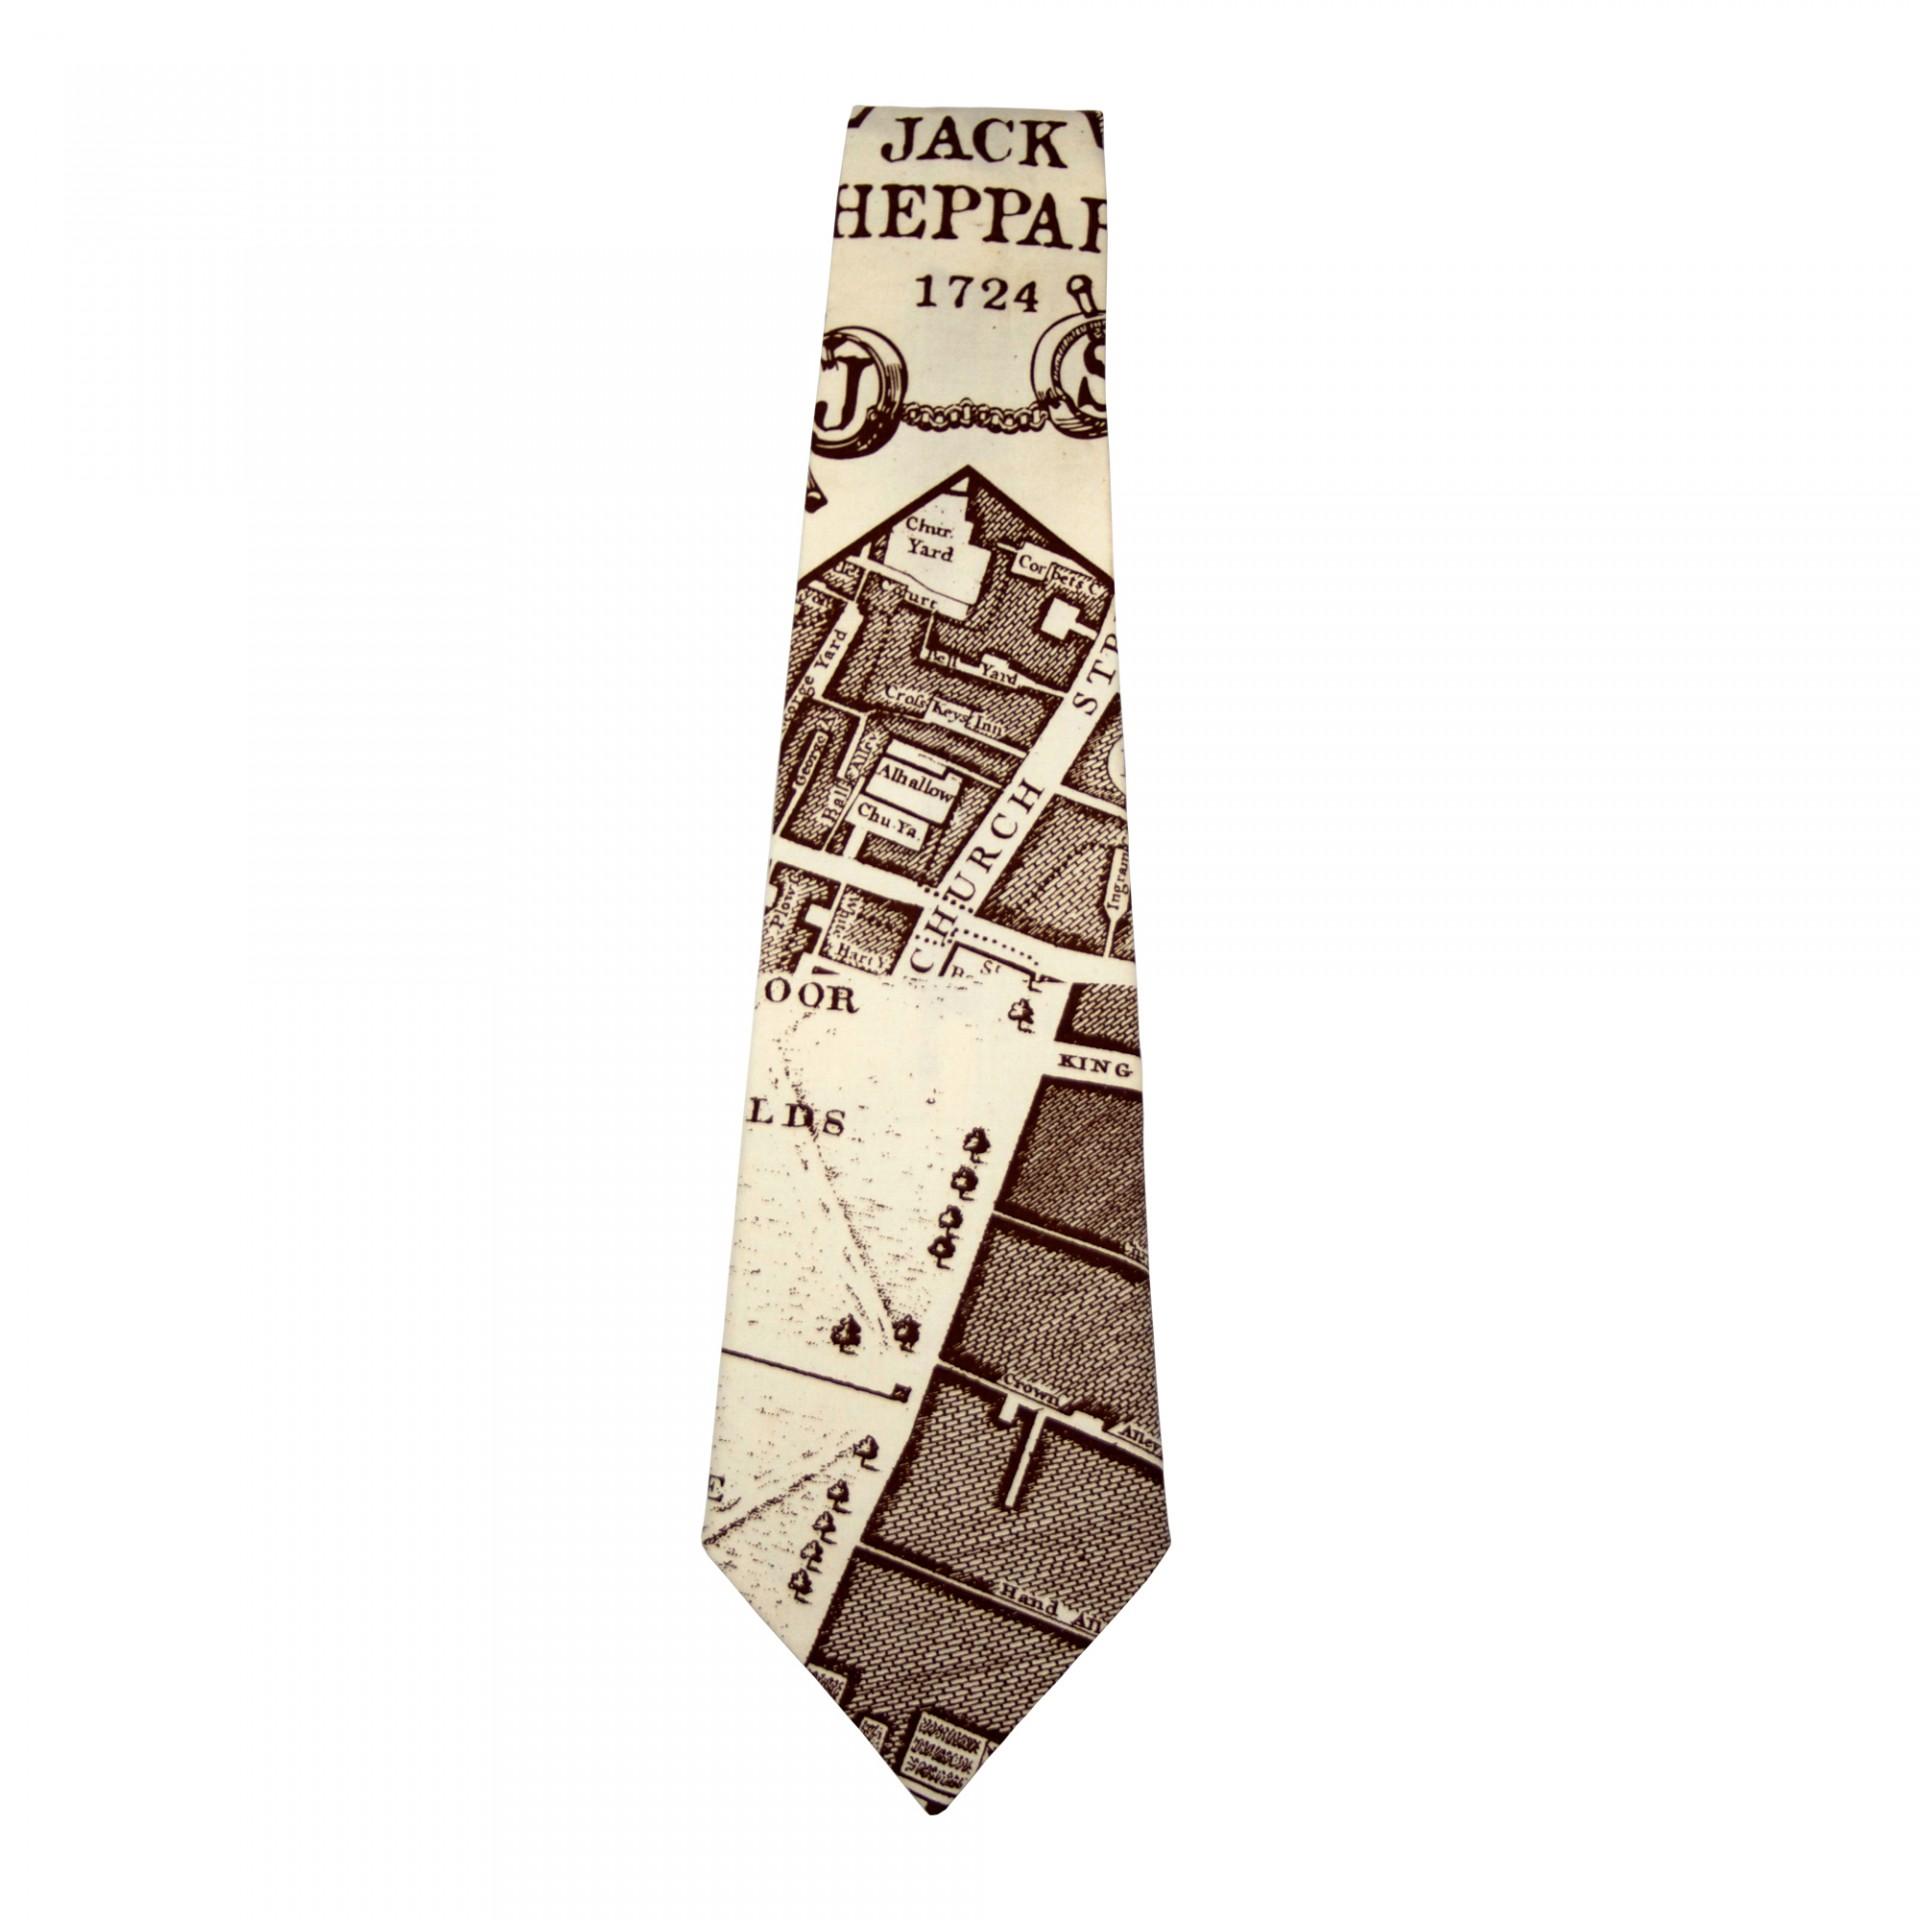 Map tie, £XX, Jack Sheppard. www.achildofthejago.com